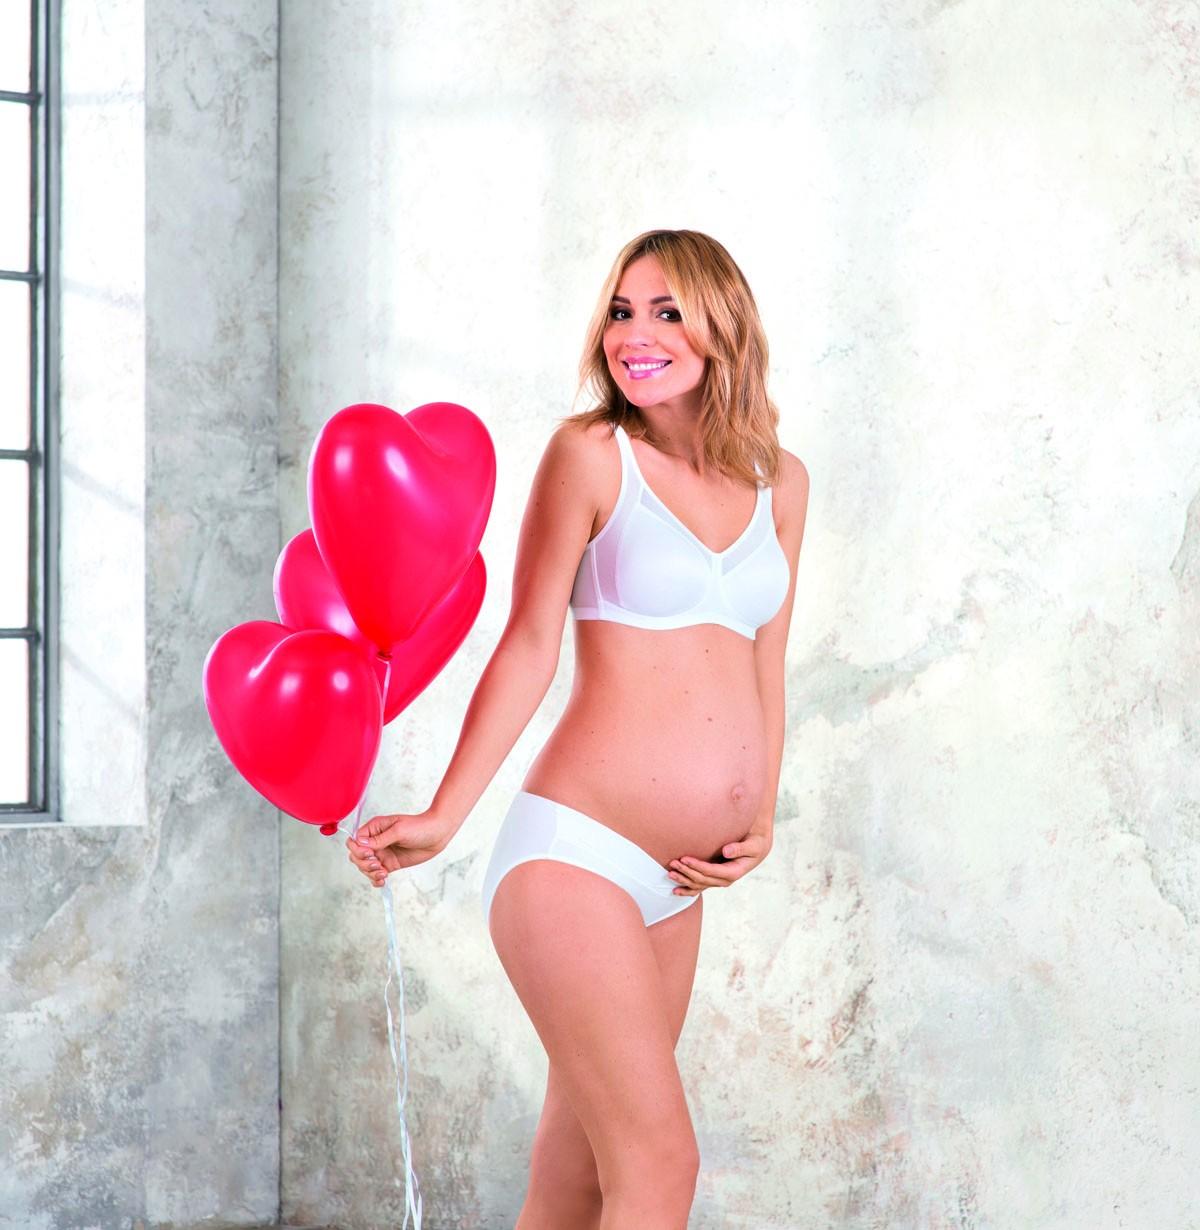 Schwangerschafts-BH Twin 5169 Basic ohne Bügel